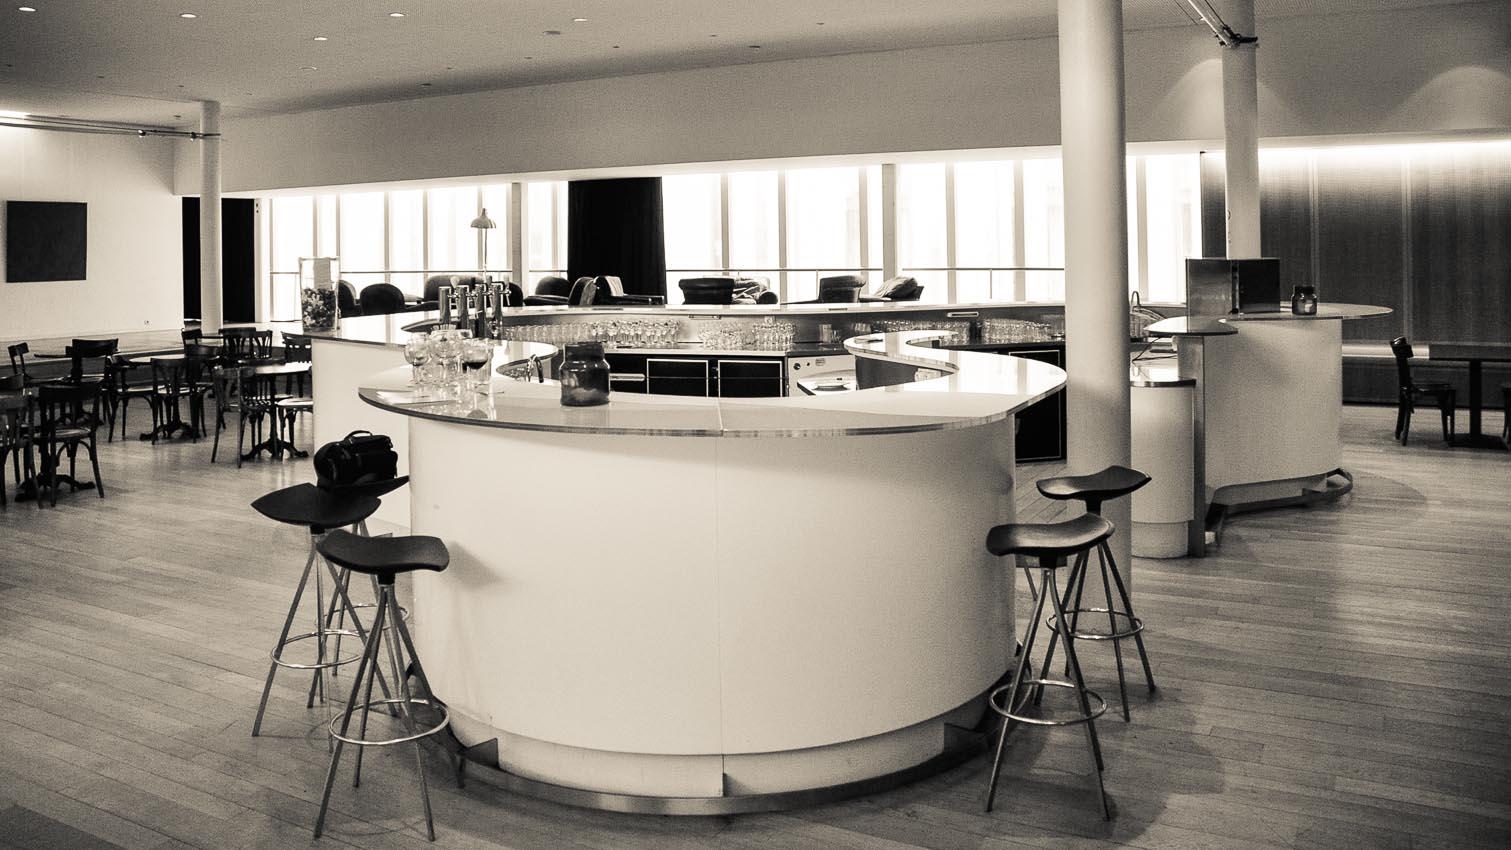 05-cafe-bar-resto-nightclub-decors-film-cinema-photo-belgium-bruxelles